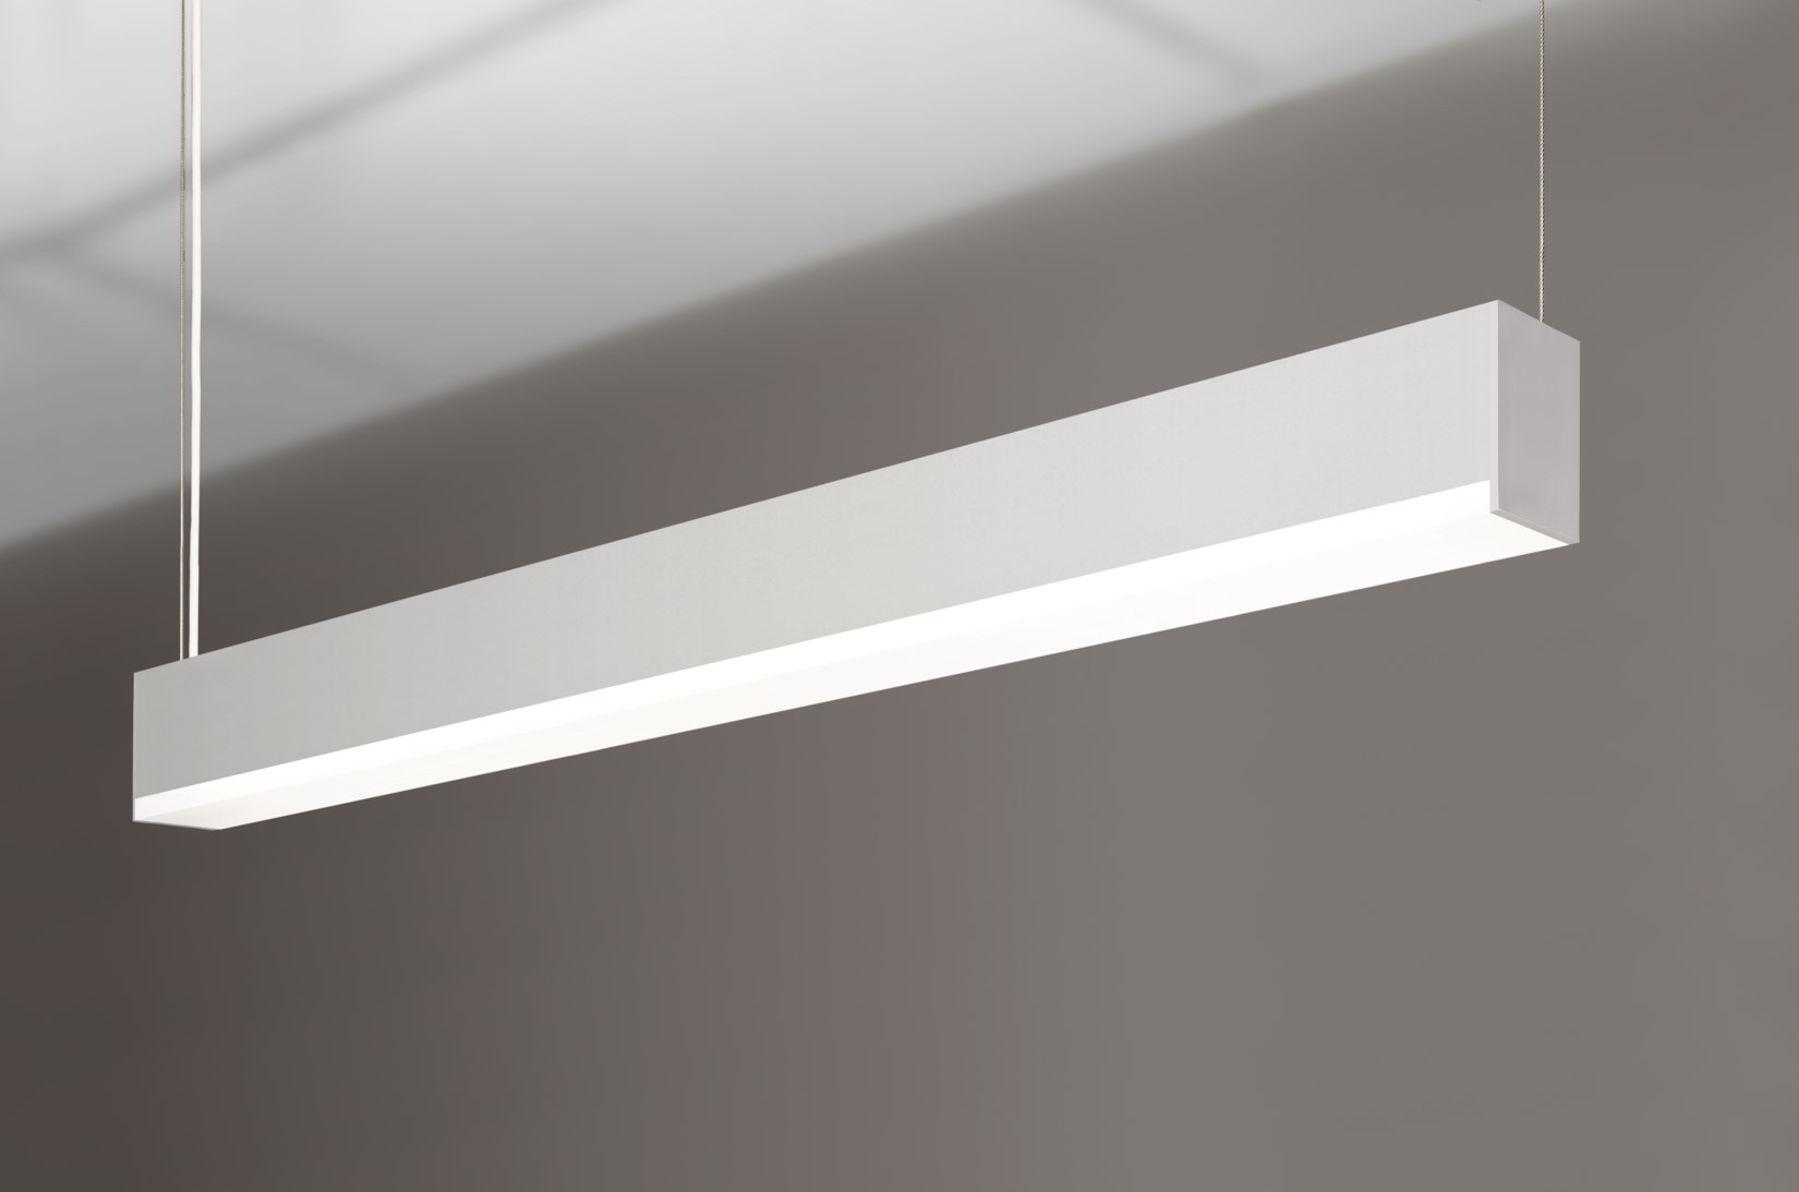 Picture of GX3D22D2-LED-LENS3D